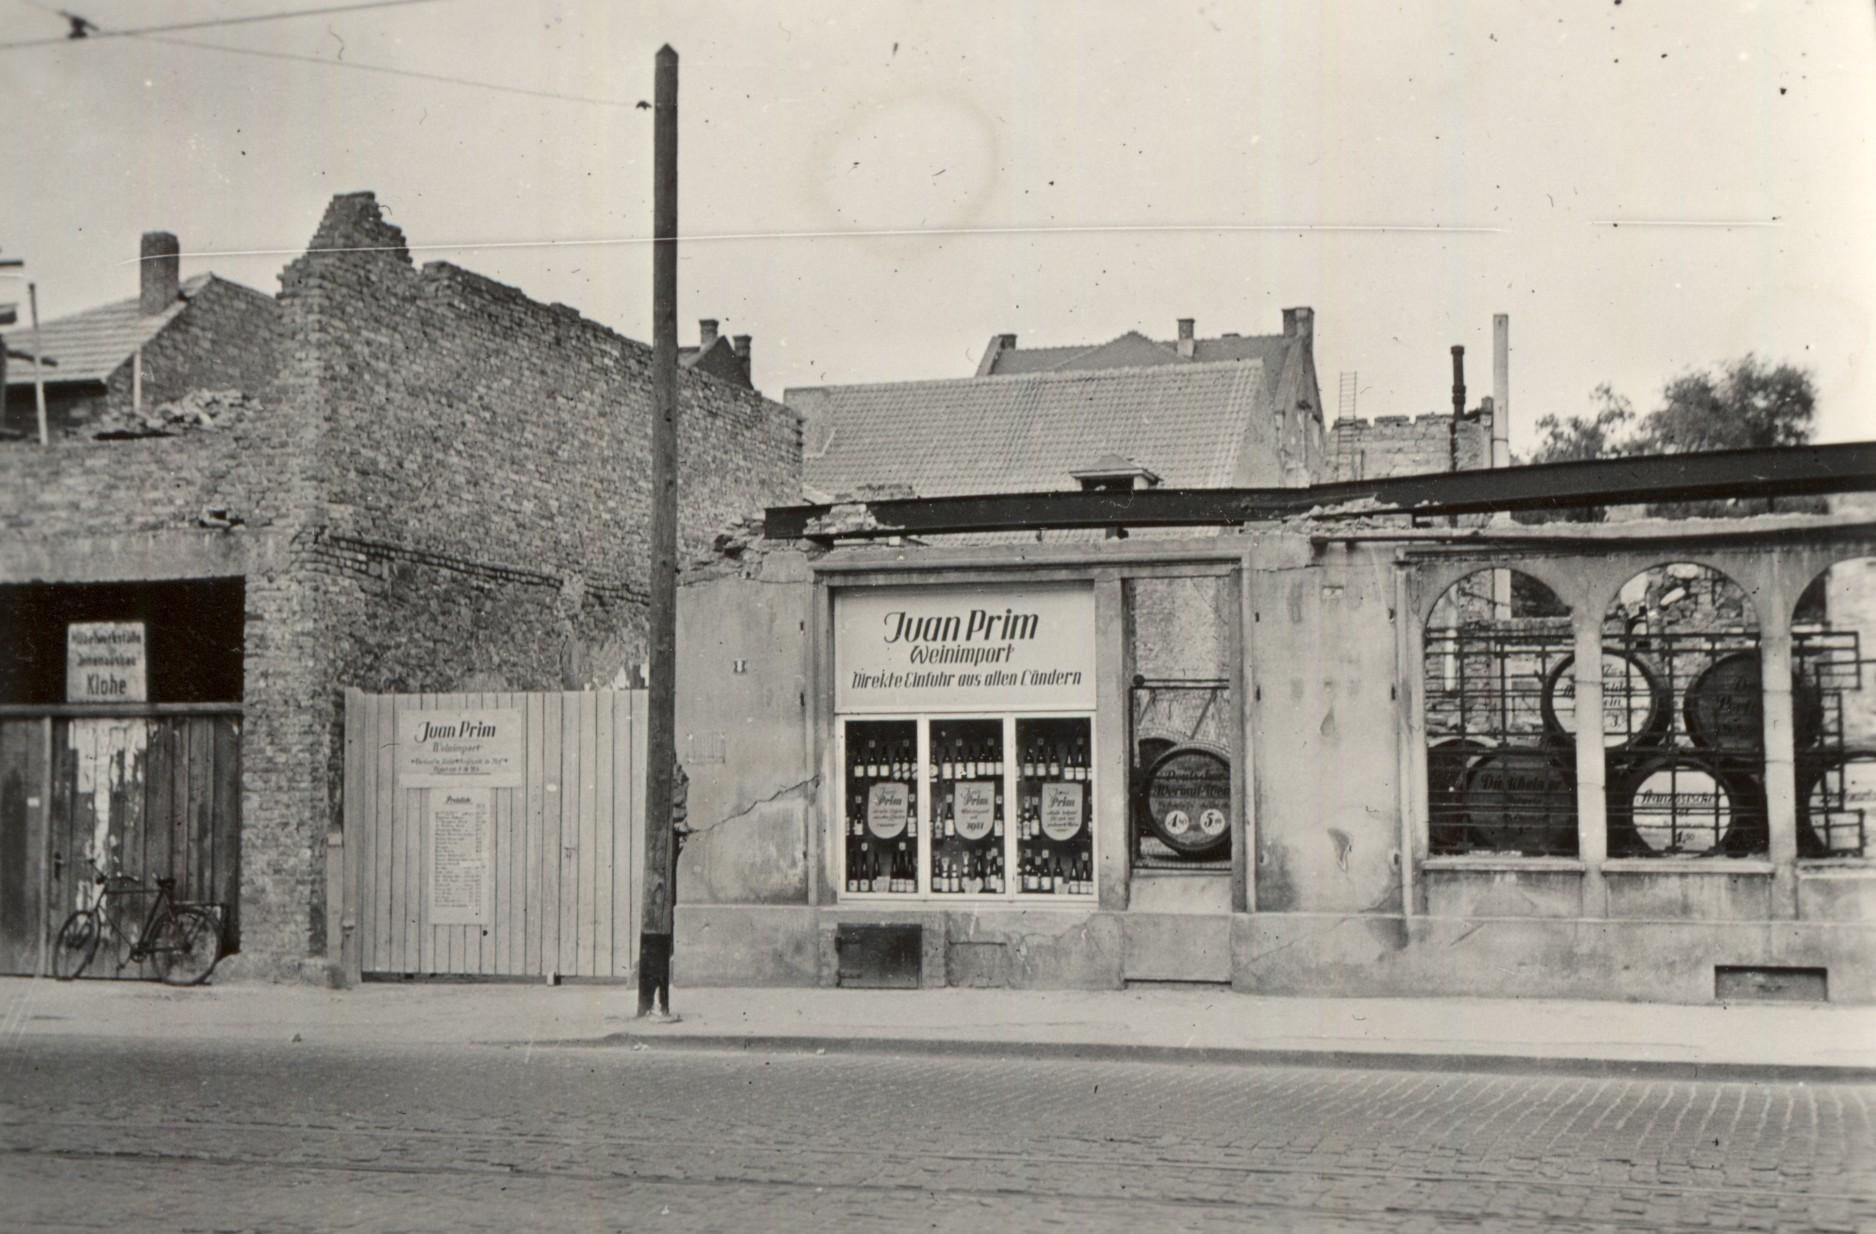 Weinhandlung Juan Prim am Mathildenplatz, Anfang 1950er Jahre, StadtA DA Best. 53